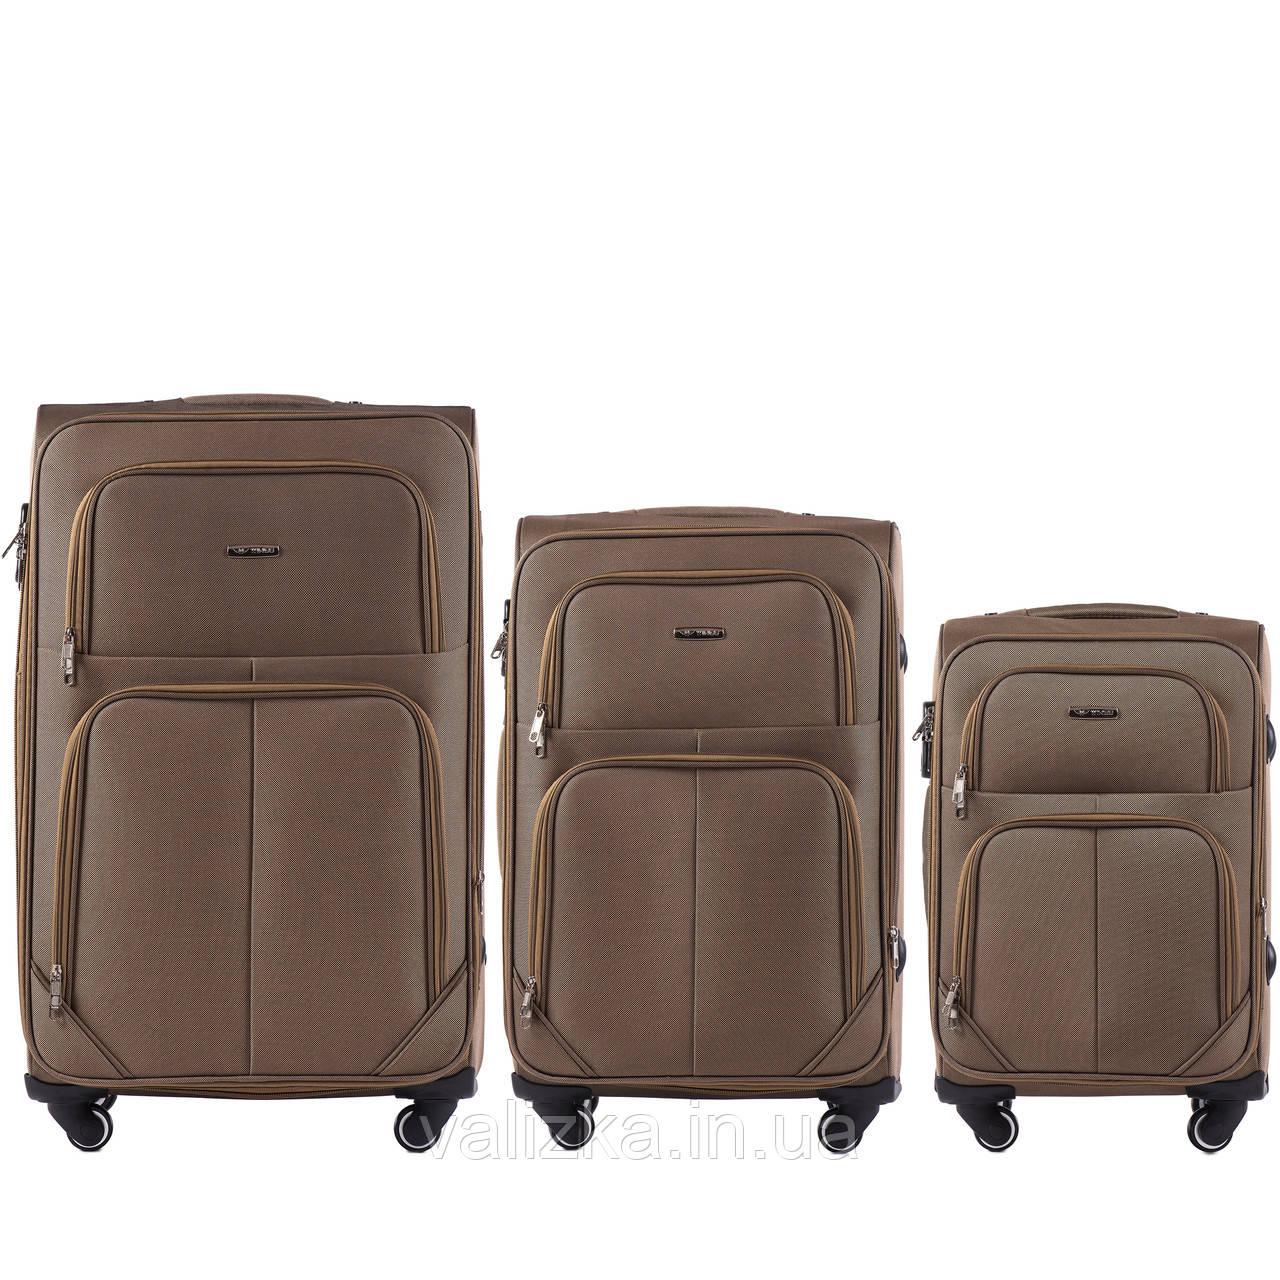 Комплект текстильных чемоданов на 4-х колесах Wings с расширителем,кофе с молоком